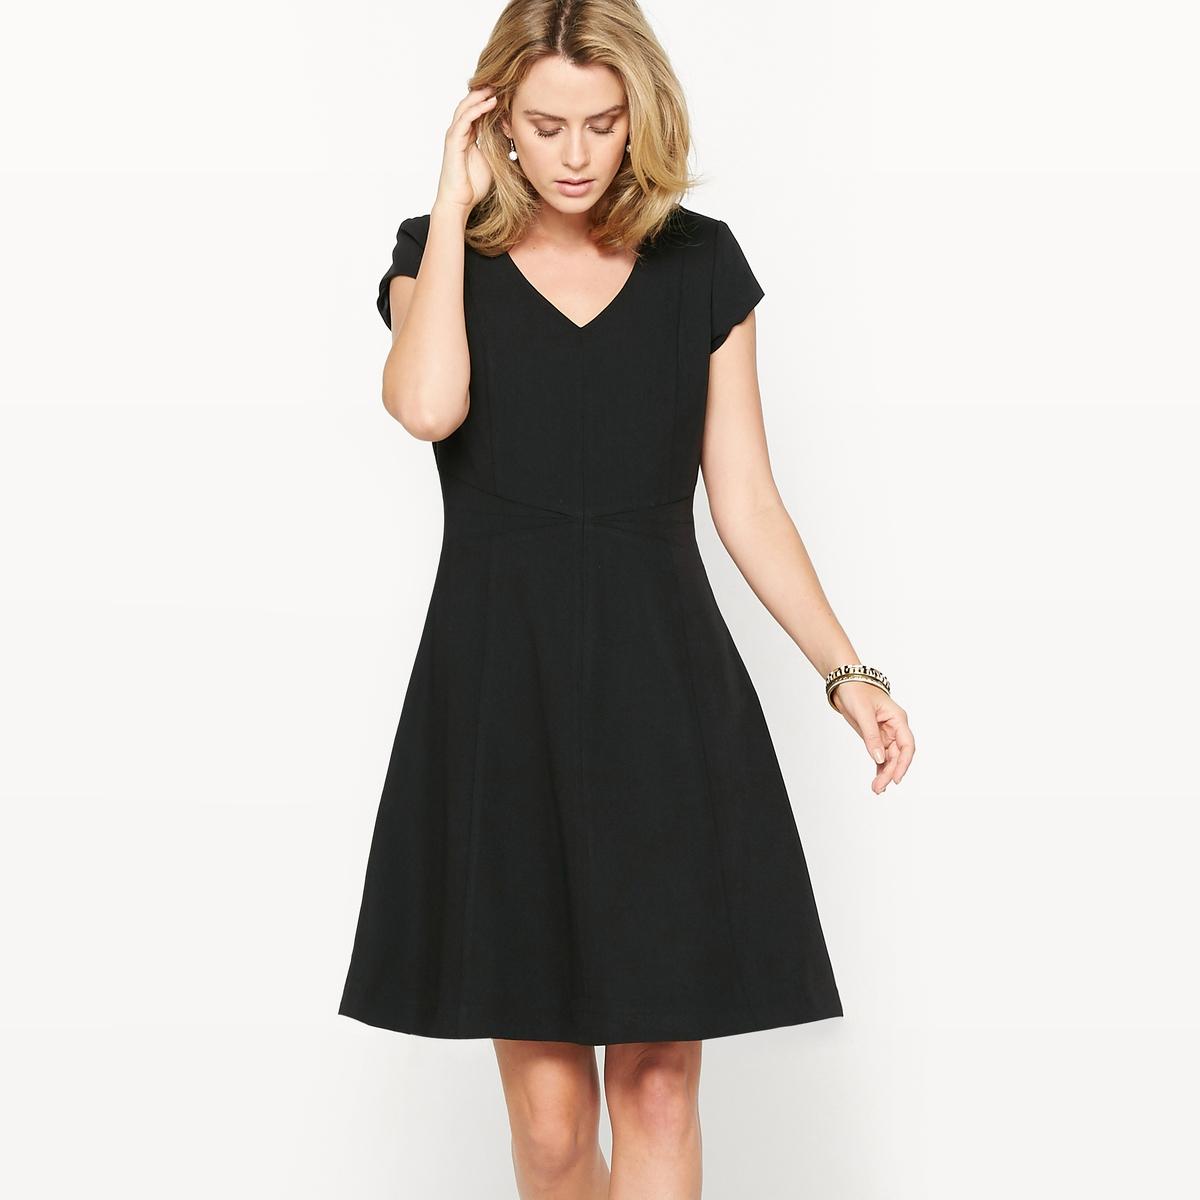 Платье расклешенное из саржи стрейчРасклешенное платье. Это платье идеально сидит на любой фигуре. Выбор наших клиентов. V-образный вырез. Отрезные детали спереди и сзади. Оригинальные швы на поясе. Короткие рукава. Скрытая застежка на молнию сзади.Состав и описание :Материал : Саржа, 74% полиэстера, 19% вискозы, 7% эластана.Длина 95 см.Марка : Anne Weyburn.Уход :Машинная стирка при 30 °С на умеренном режиме.Гладить на низкой температуре.<br><br>Цвет: черный<br>Размер: 42 (FR) - 48 (RUS)